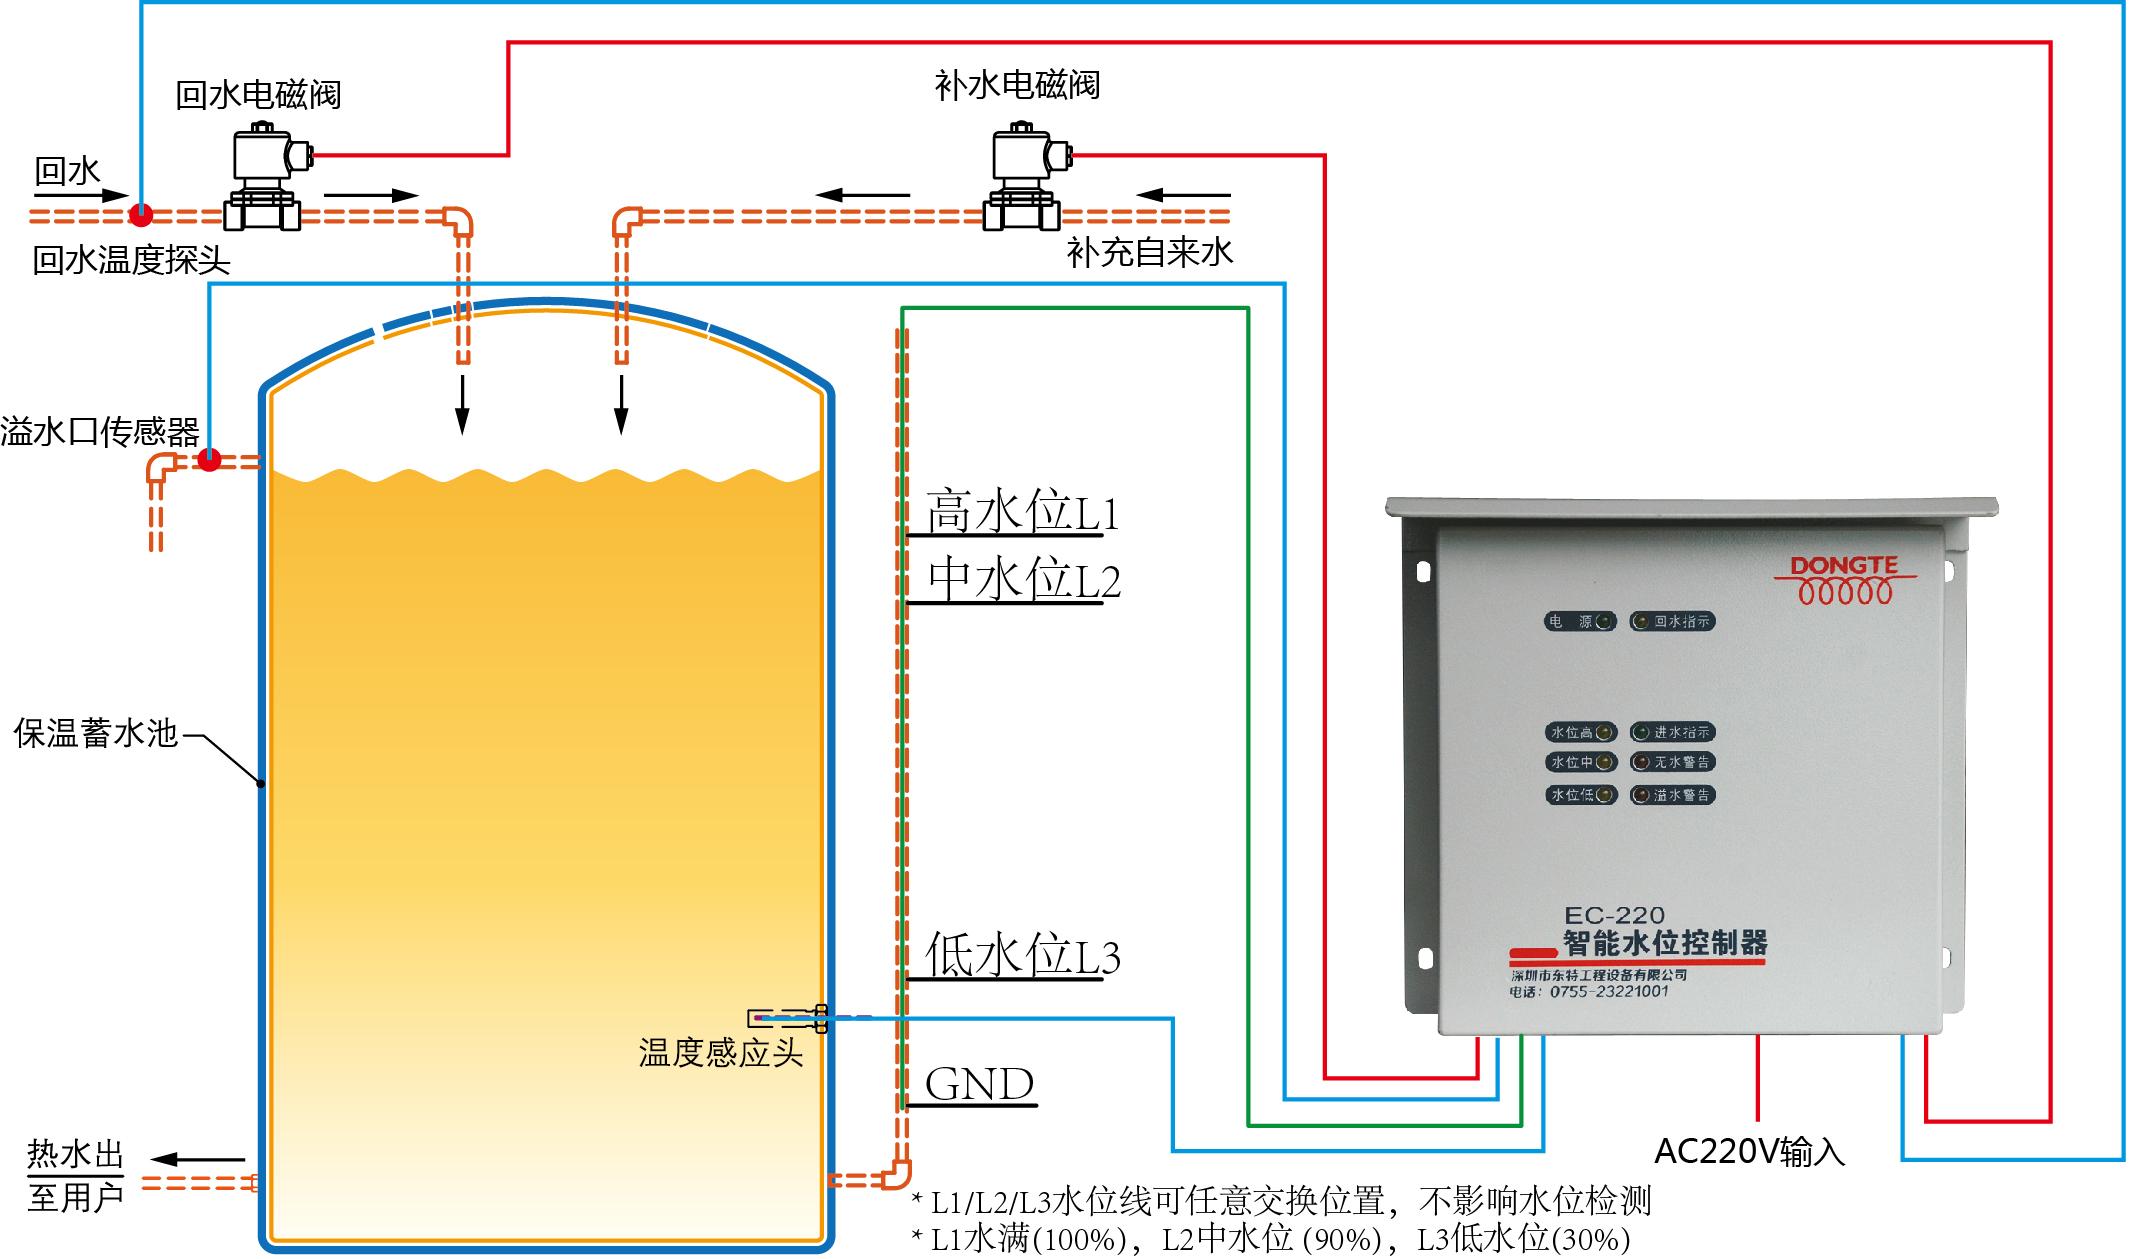 EC220智能水位控制器 智能水位控制器采用微电脑智能控制,它广泛应用于楼顶水箱、蓄水池、自来水厂、热水工程安装等蓄水设备。它比传统浮球式水位器更智能、更可靠。EC210智能水位控制器能根据用户的设置自动控制水位的高低,确保水箱水位的正常。热水工程水位控制,家庭楼顶水位控制,低水位警告,低水位自动补水。 水位控制器接线图: 水位线L1/L2/L3 可以放置任意水位位置,不影响水位监测,GND放最低位置; 水位管道: DN20-DN50管道 水位线:优质5芯铜质电缆线,线径不作要求。